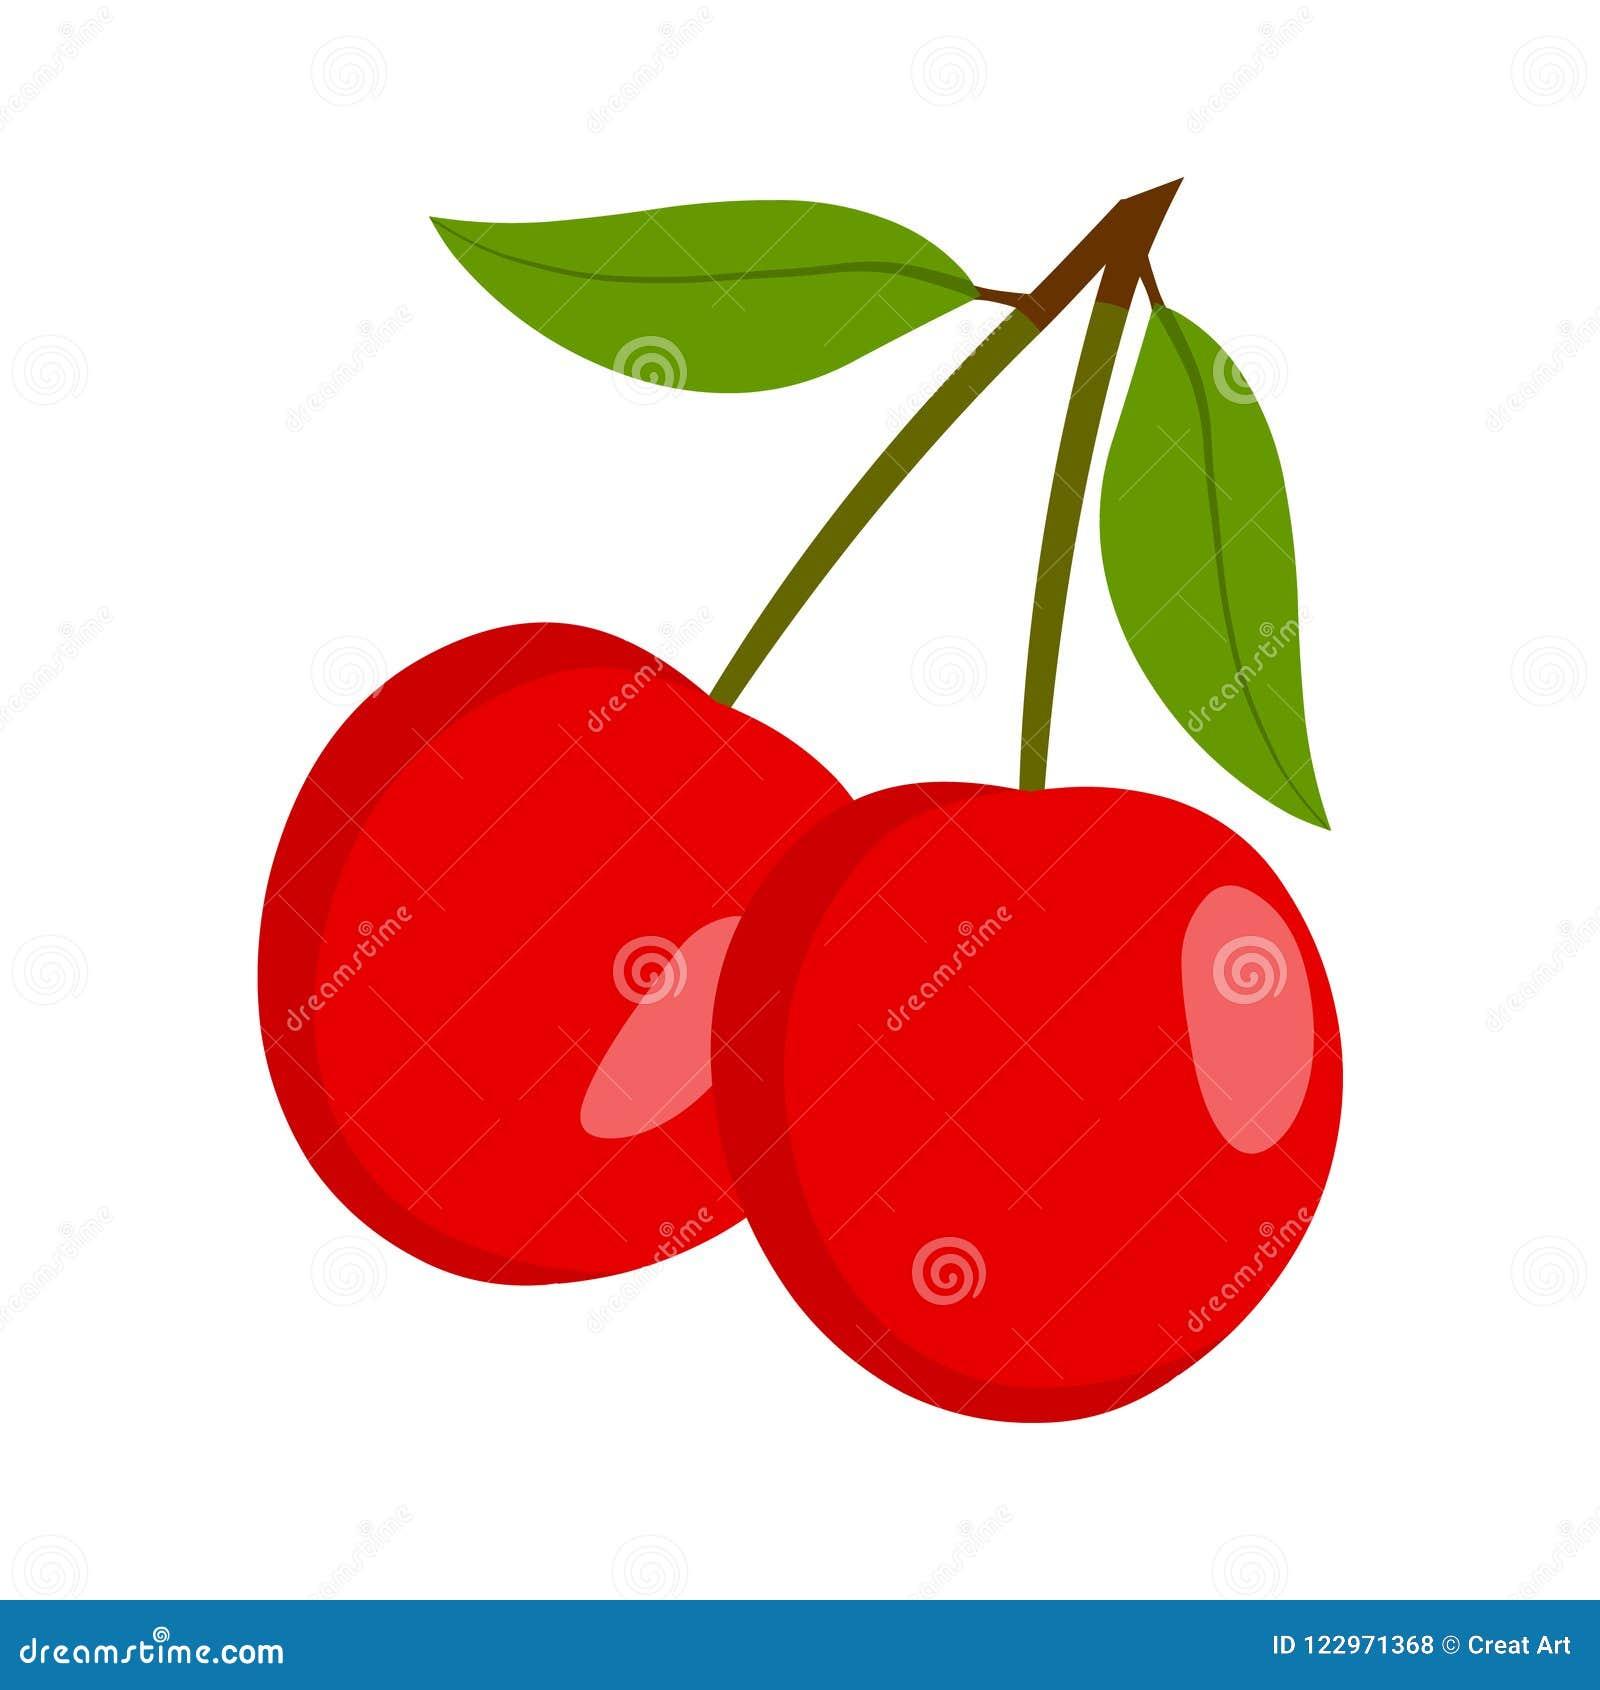 Cherry Vetora Ilustração fresca da cereja